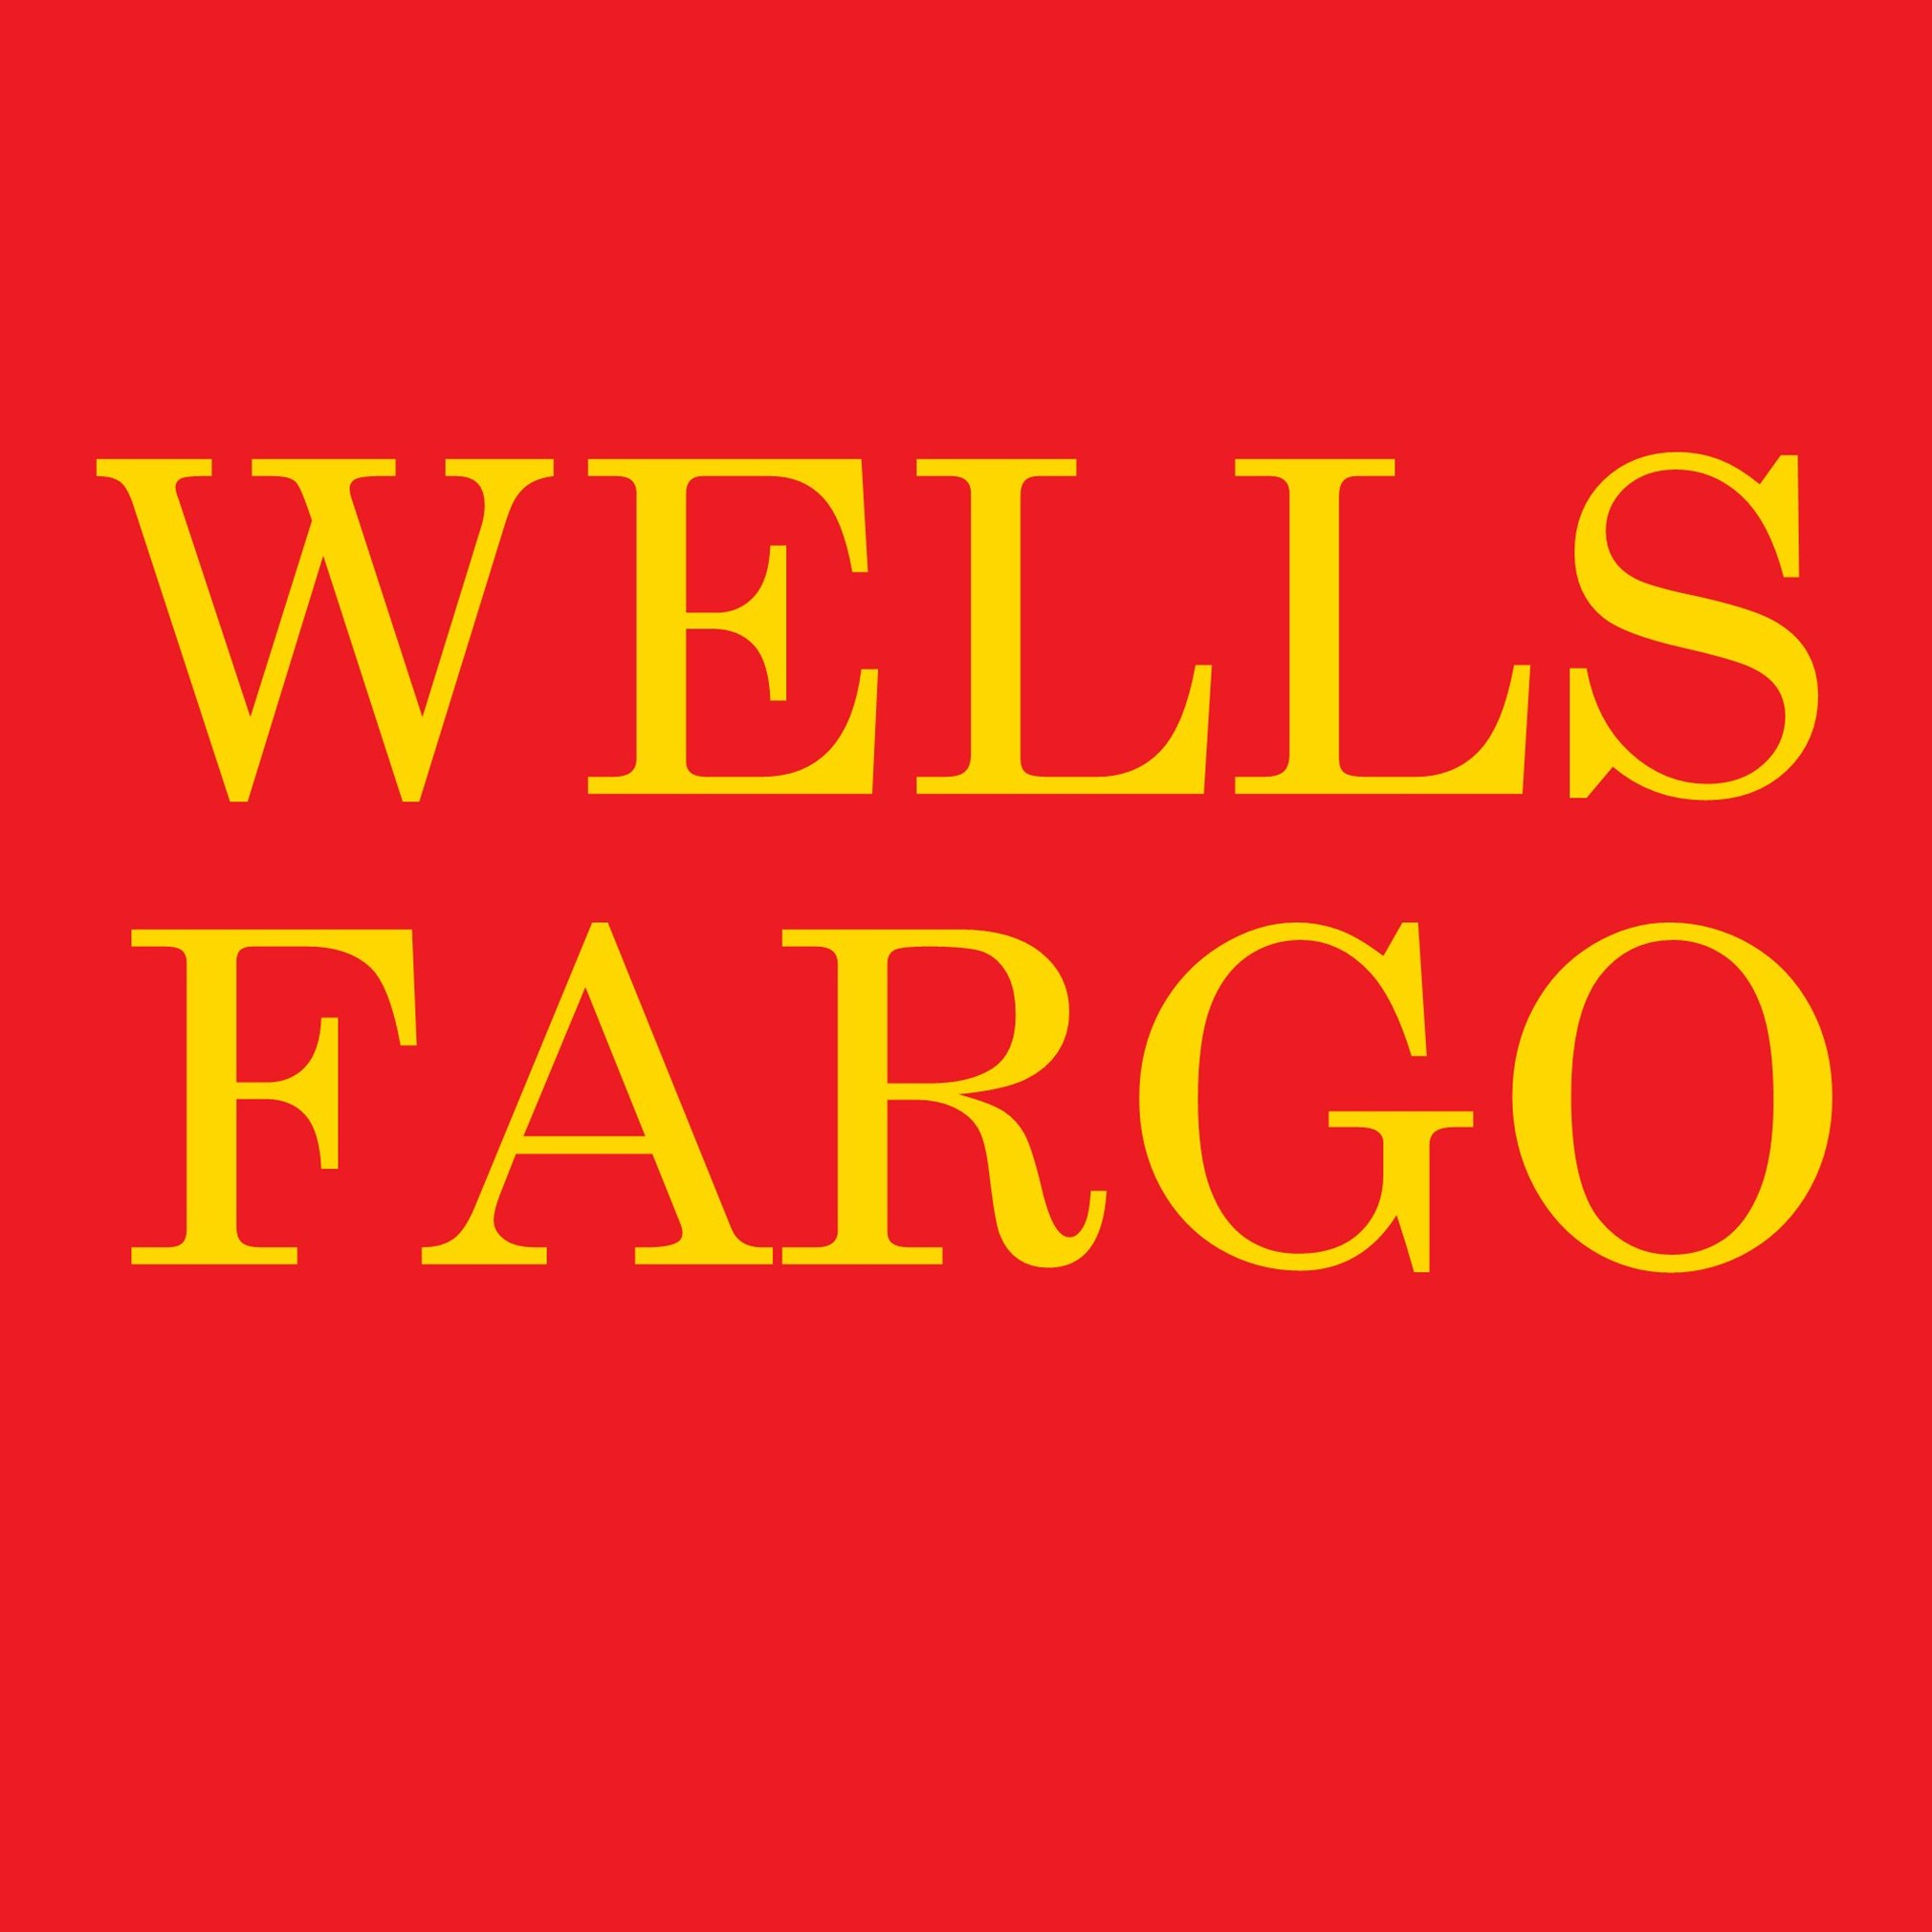 25.-wells-fargo.jpg